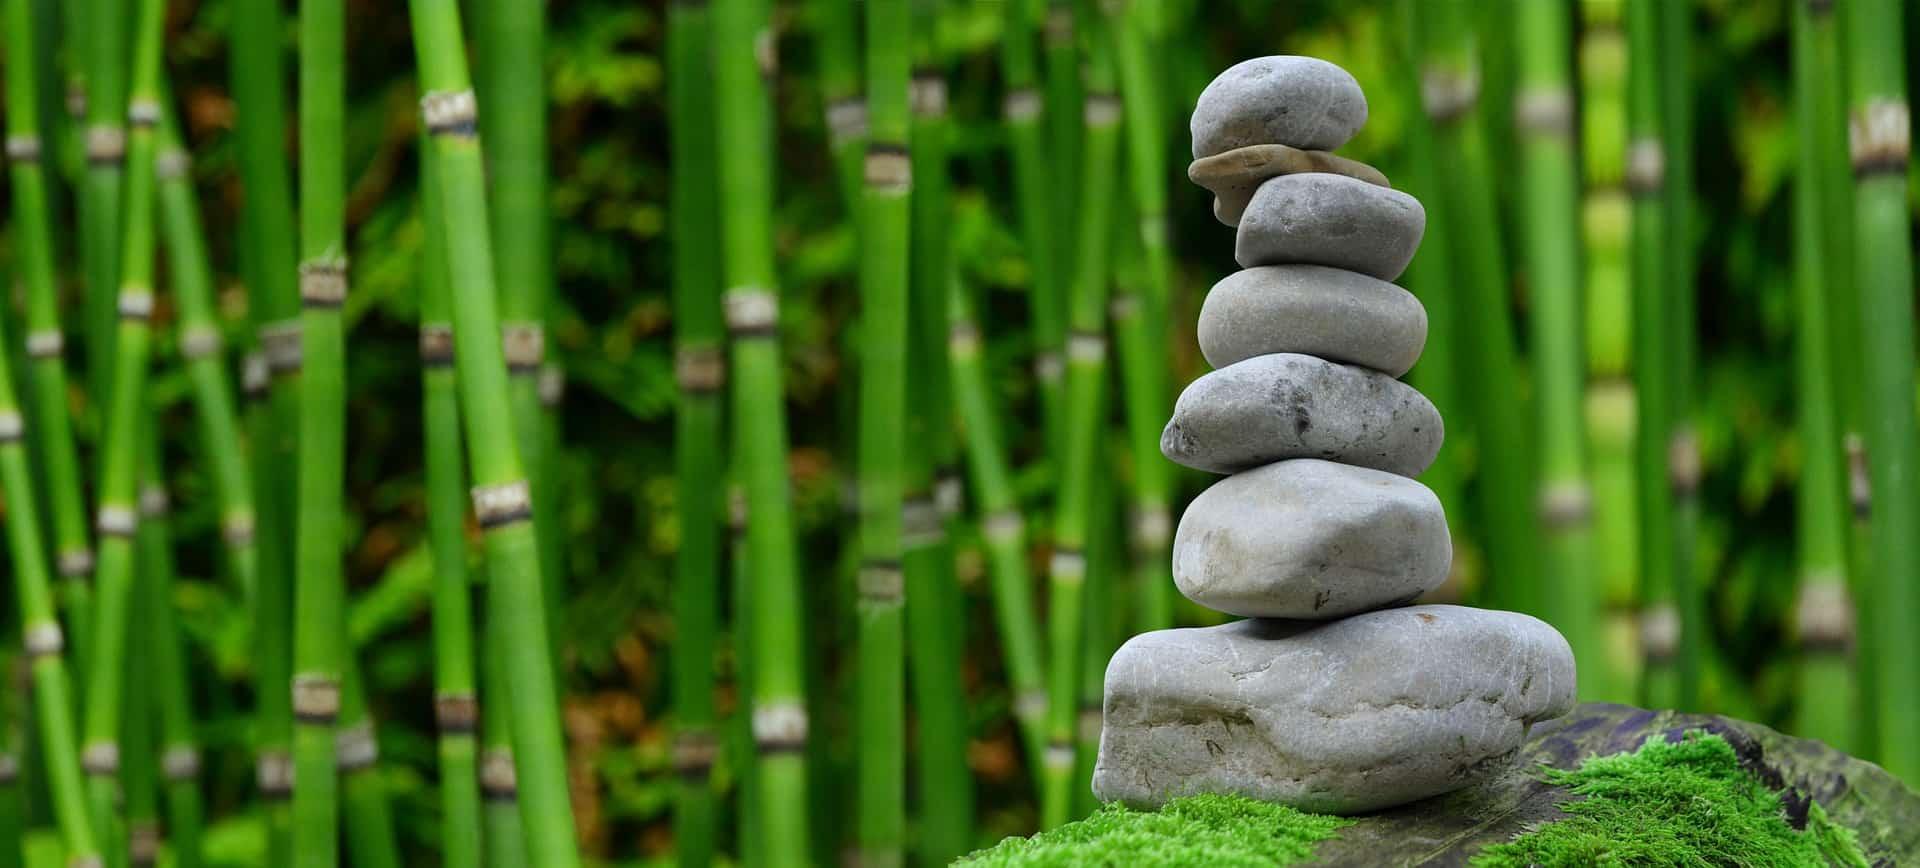 Gelassenheit – zu sich kommen – Bewusstsein fördern